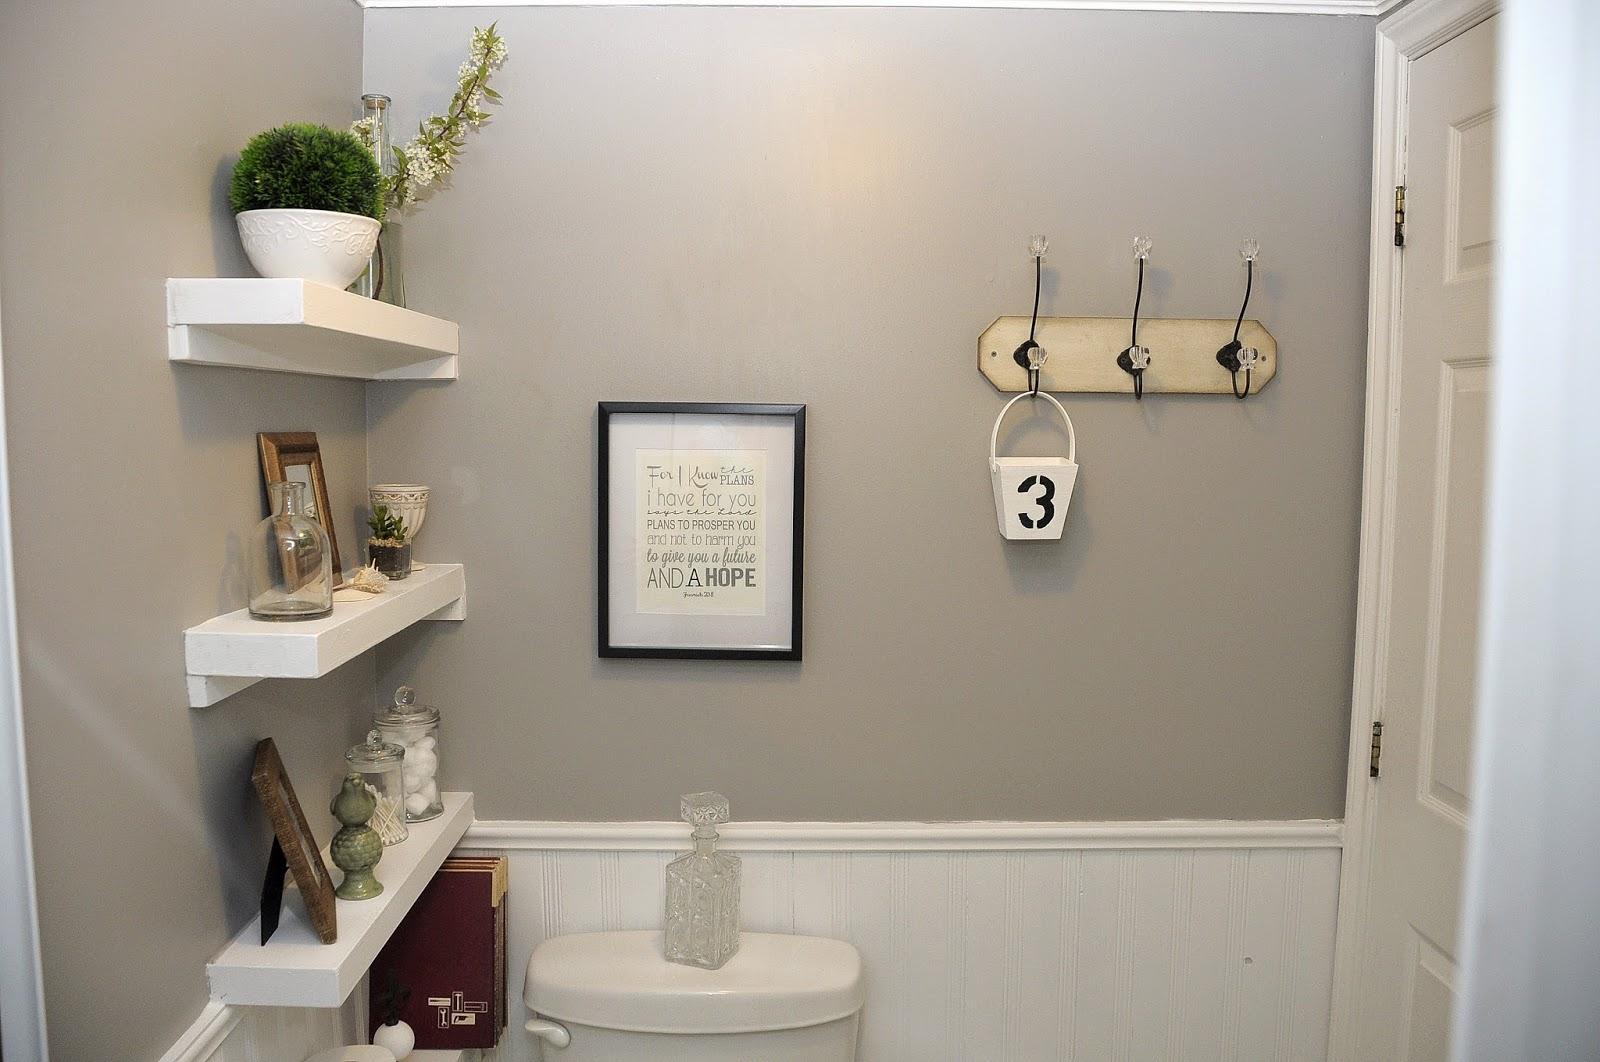 La joie d 39 apprendre salle de bain avant apr s une - Idee peinture salle de bain ...